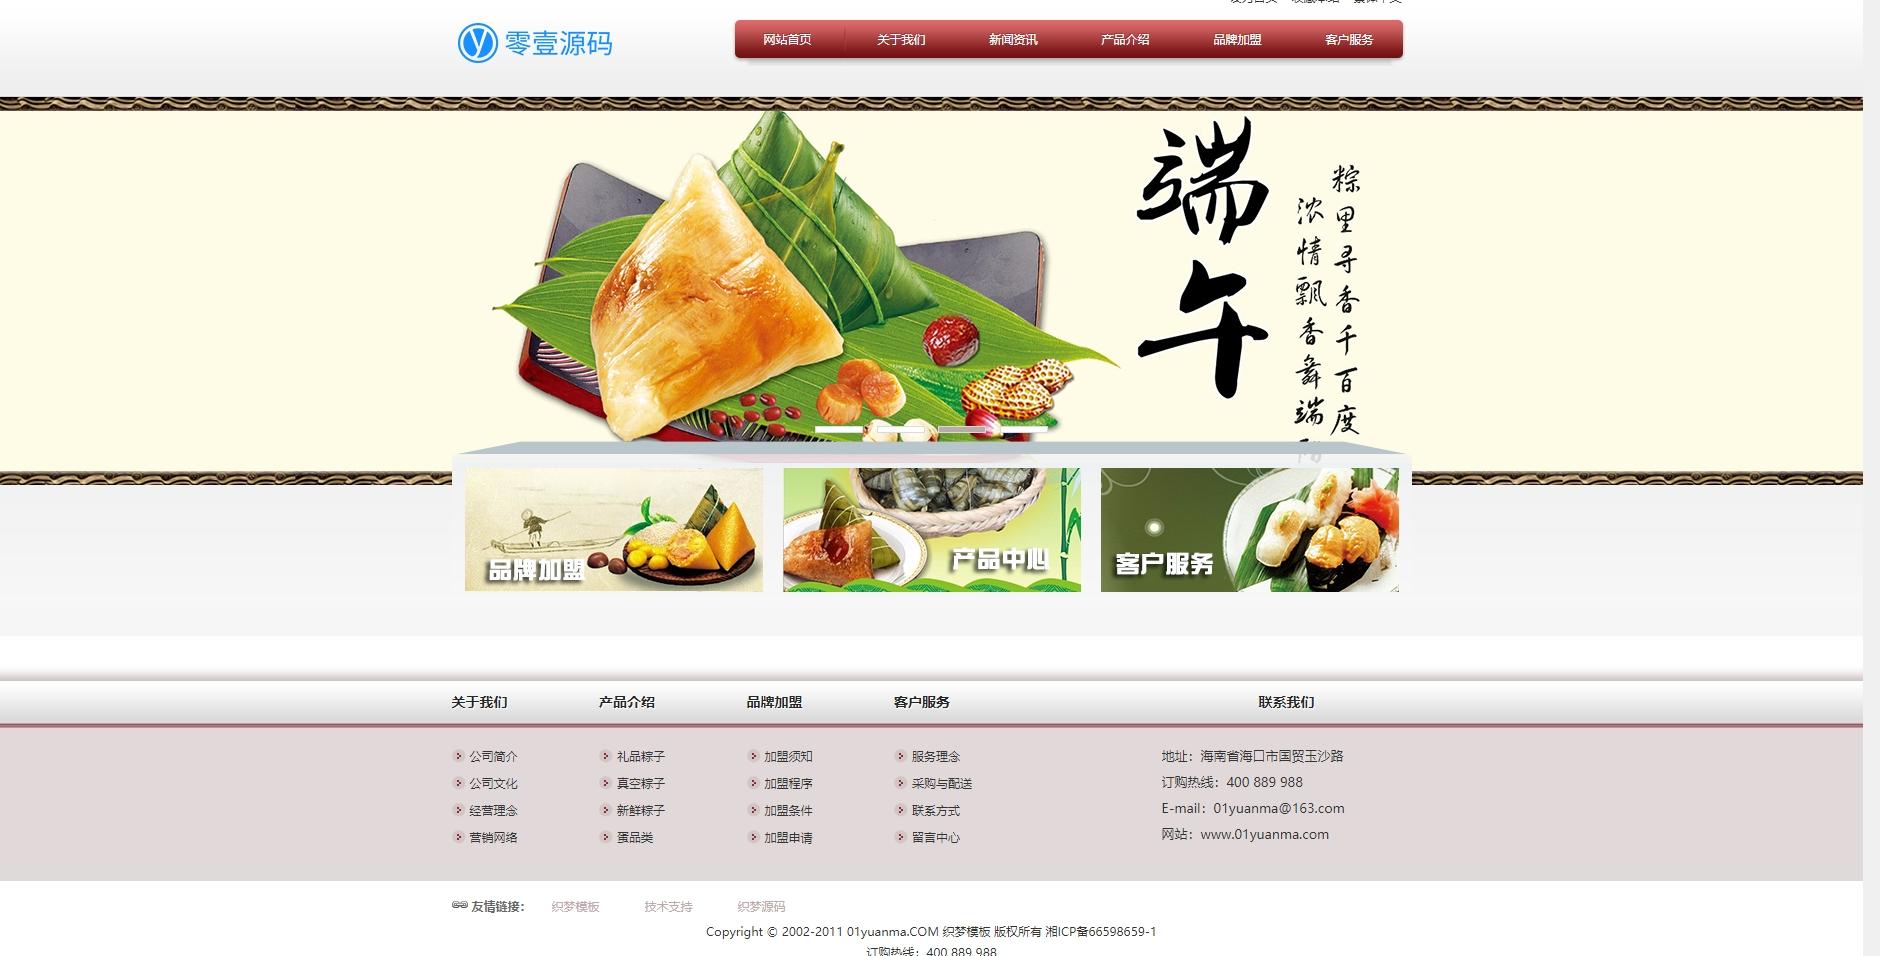 食品餐饮行业企业网站织梦dedecms模板